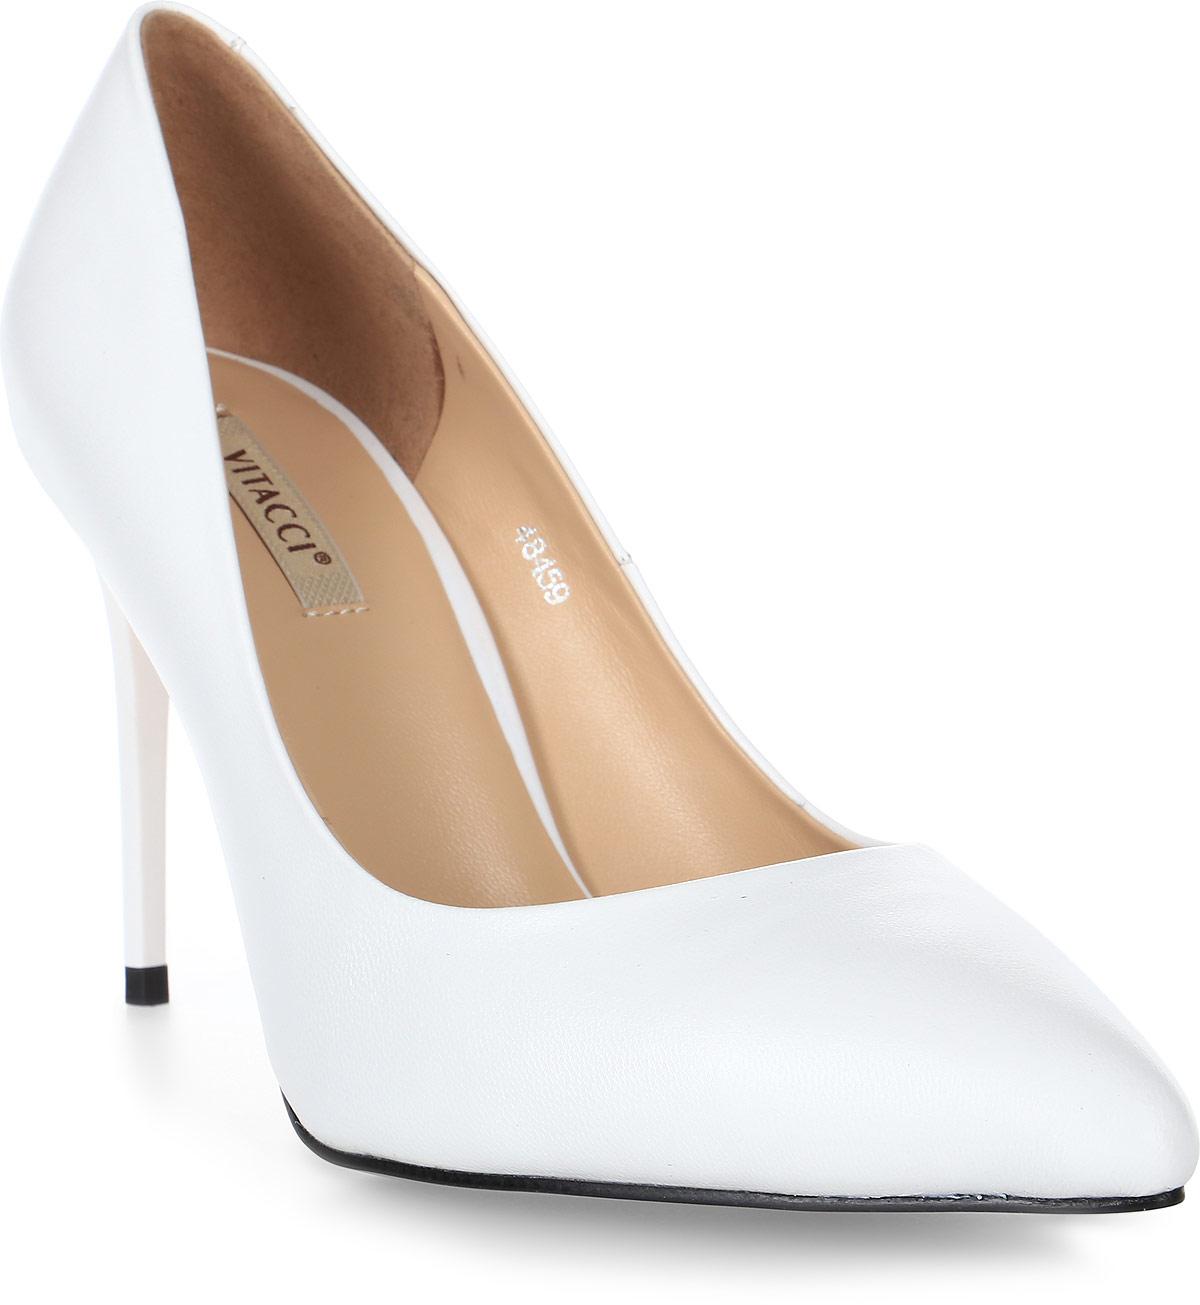 Туфли женские Vitacci, цвет: белый. 48459. Размер 4048459Стильные туфли Vitacci не оставят вас незамеченной! Модель выполнена из качественной натуральной кожи. Стелька из натуральной кожи обеспечивает комфорт и удобство при ходьбе. Подошва выполнена с высоким изящным каблуком.